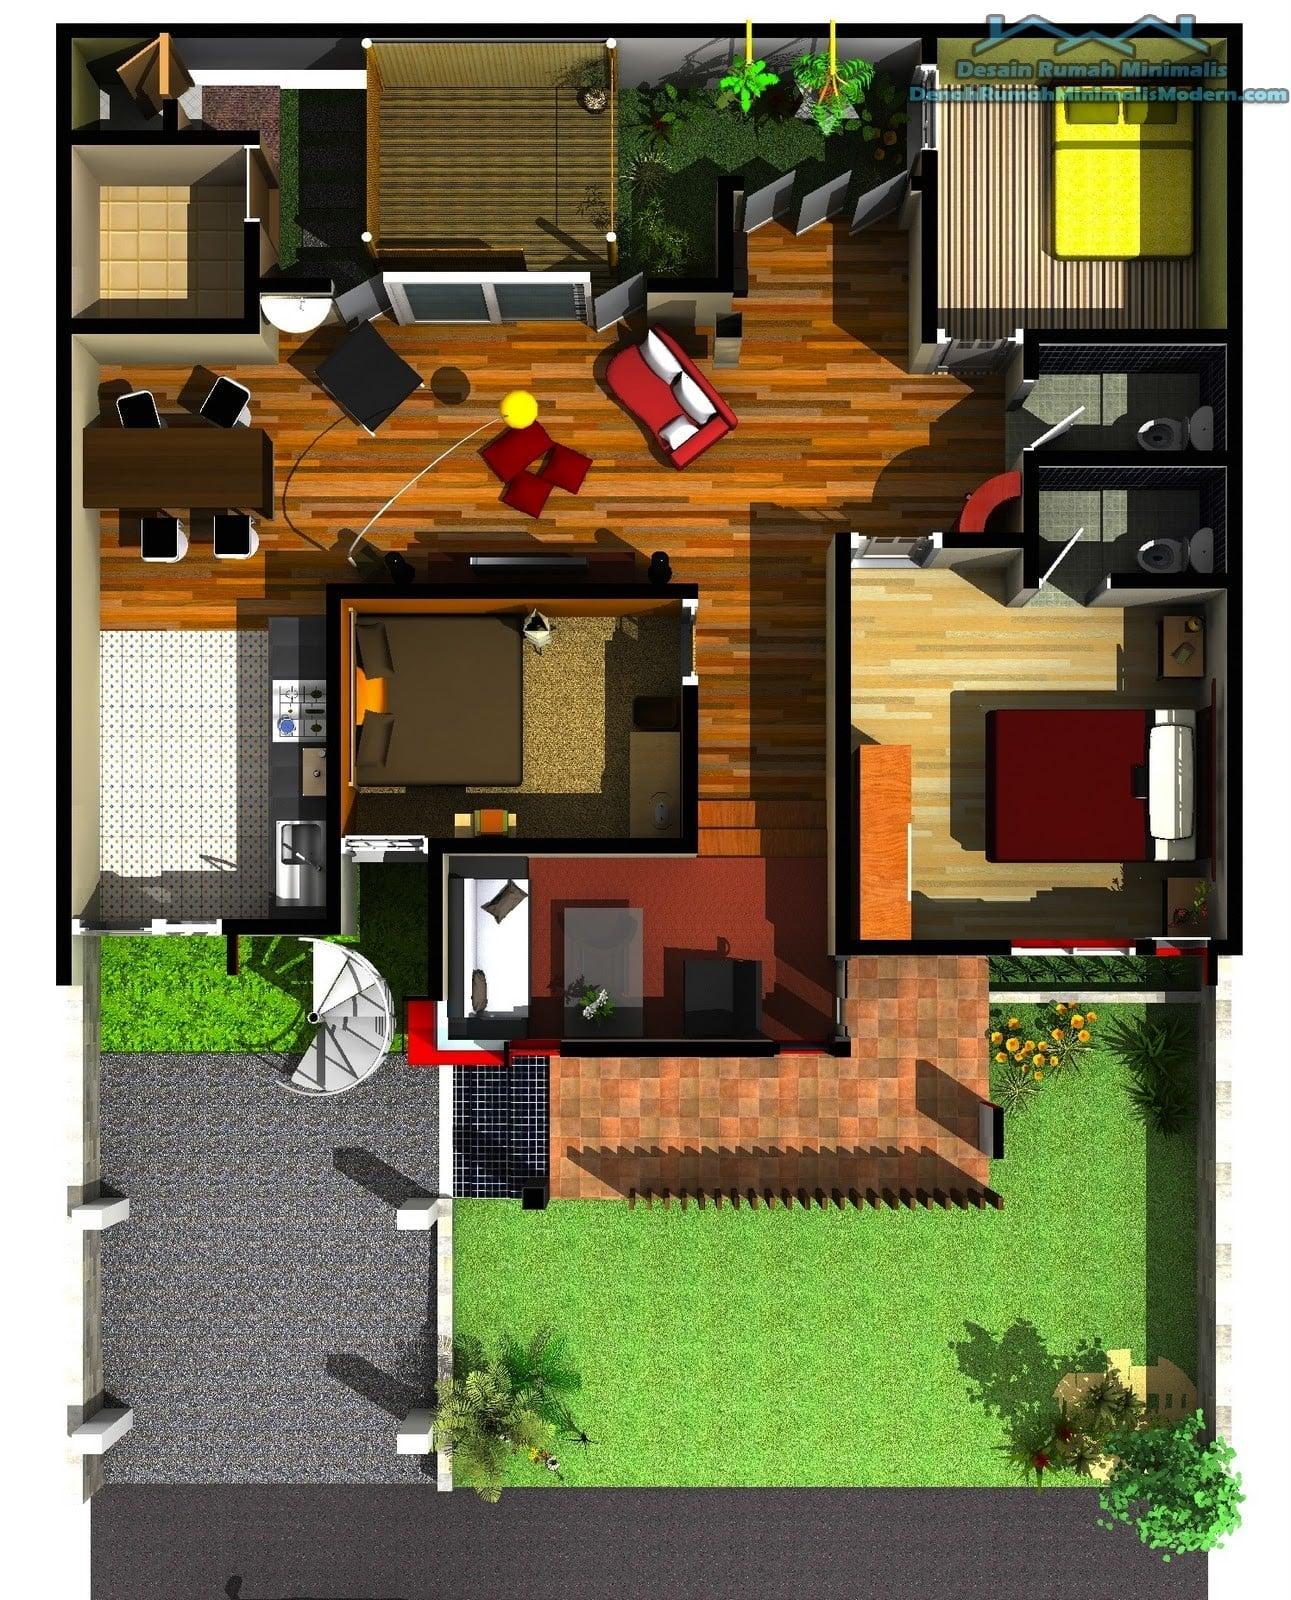 55 Terbaik Denah Rumah Minimalis 1 Lantai Terbaru dan Terlengkap